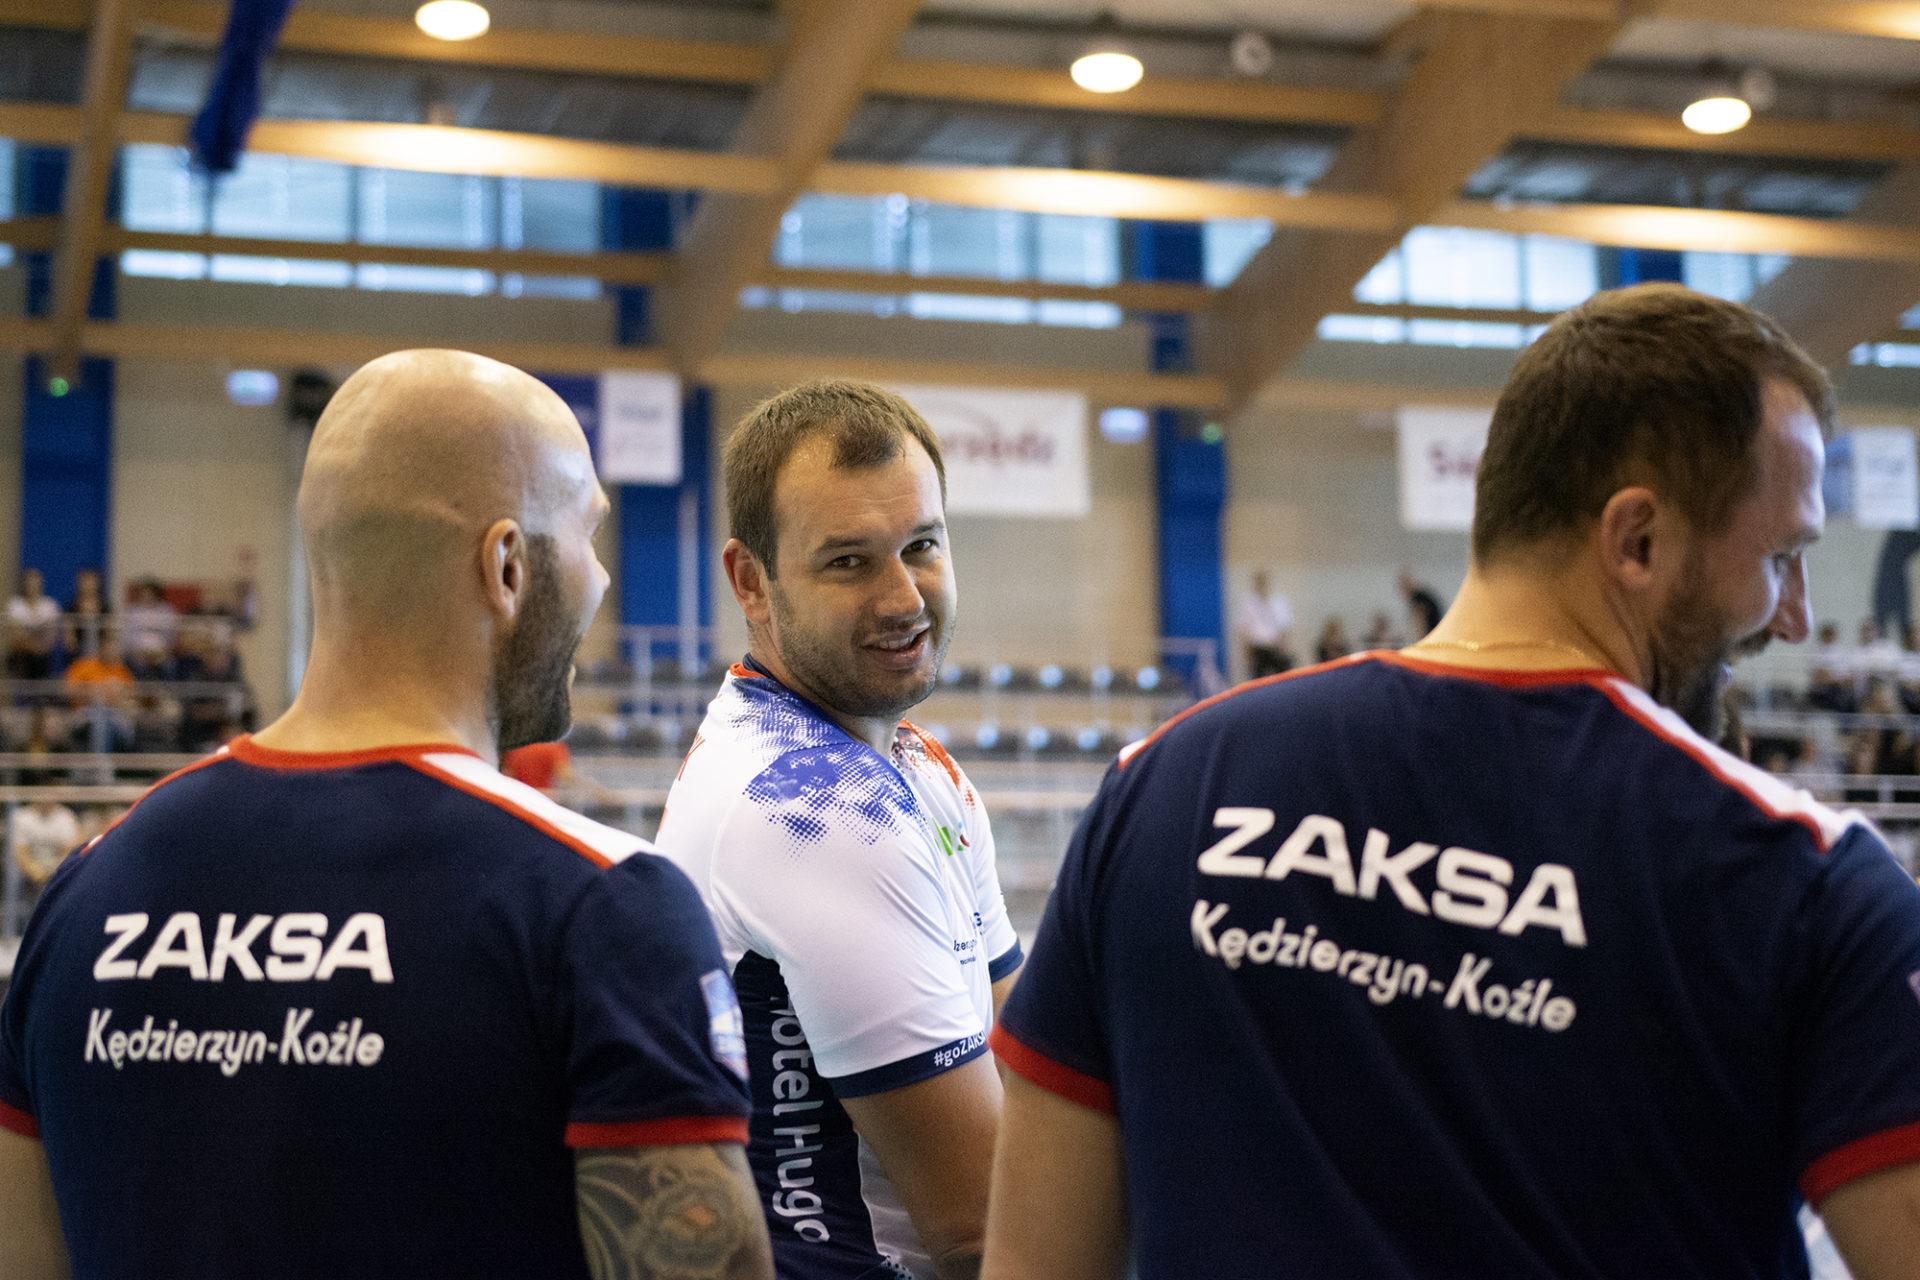 Dominik Witczak: W ZAKSIE poznałem wielu wartościowych ludzi